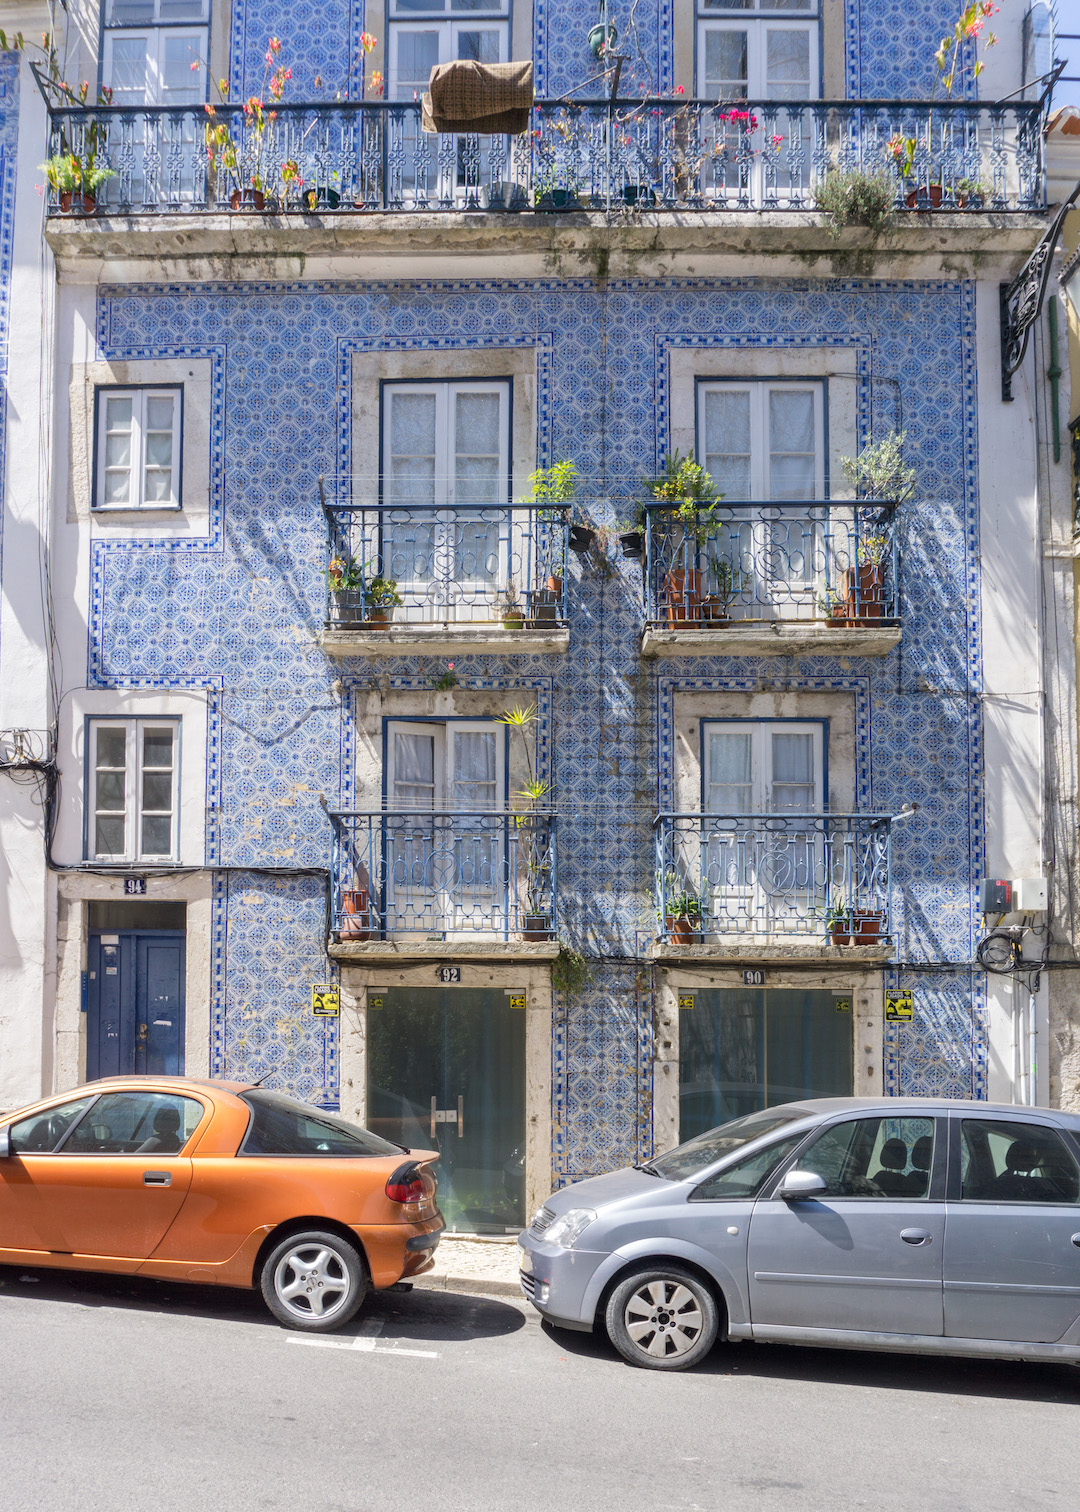 Tiled House in Lisbon